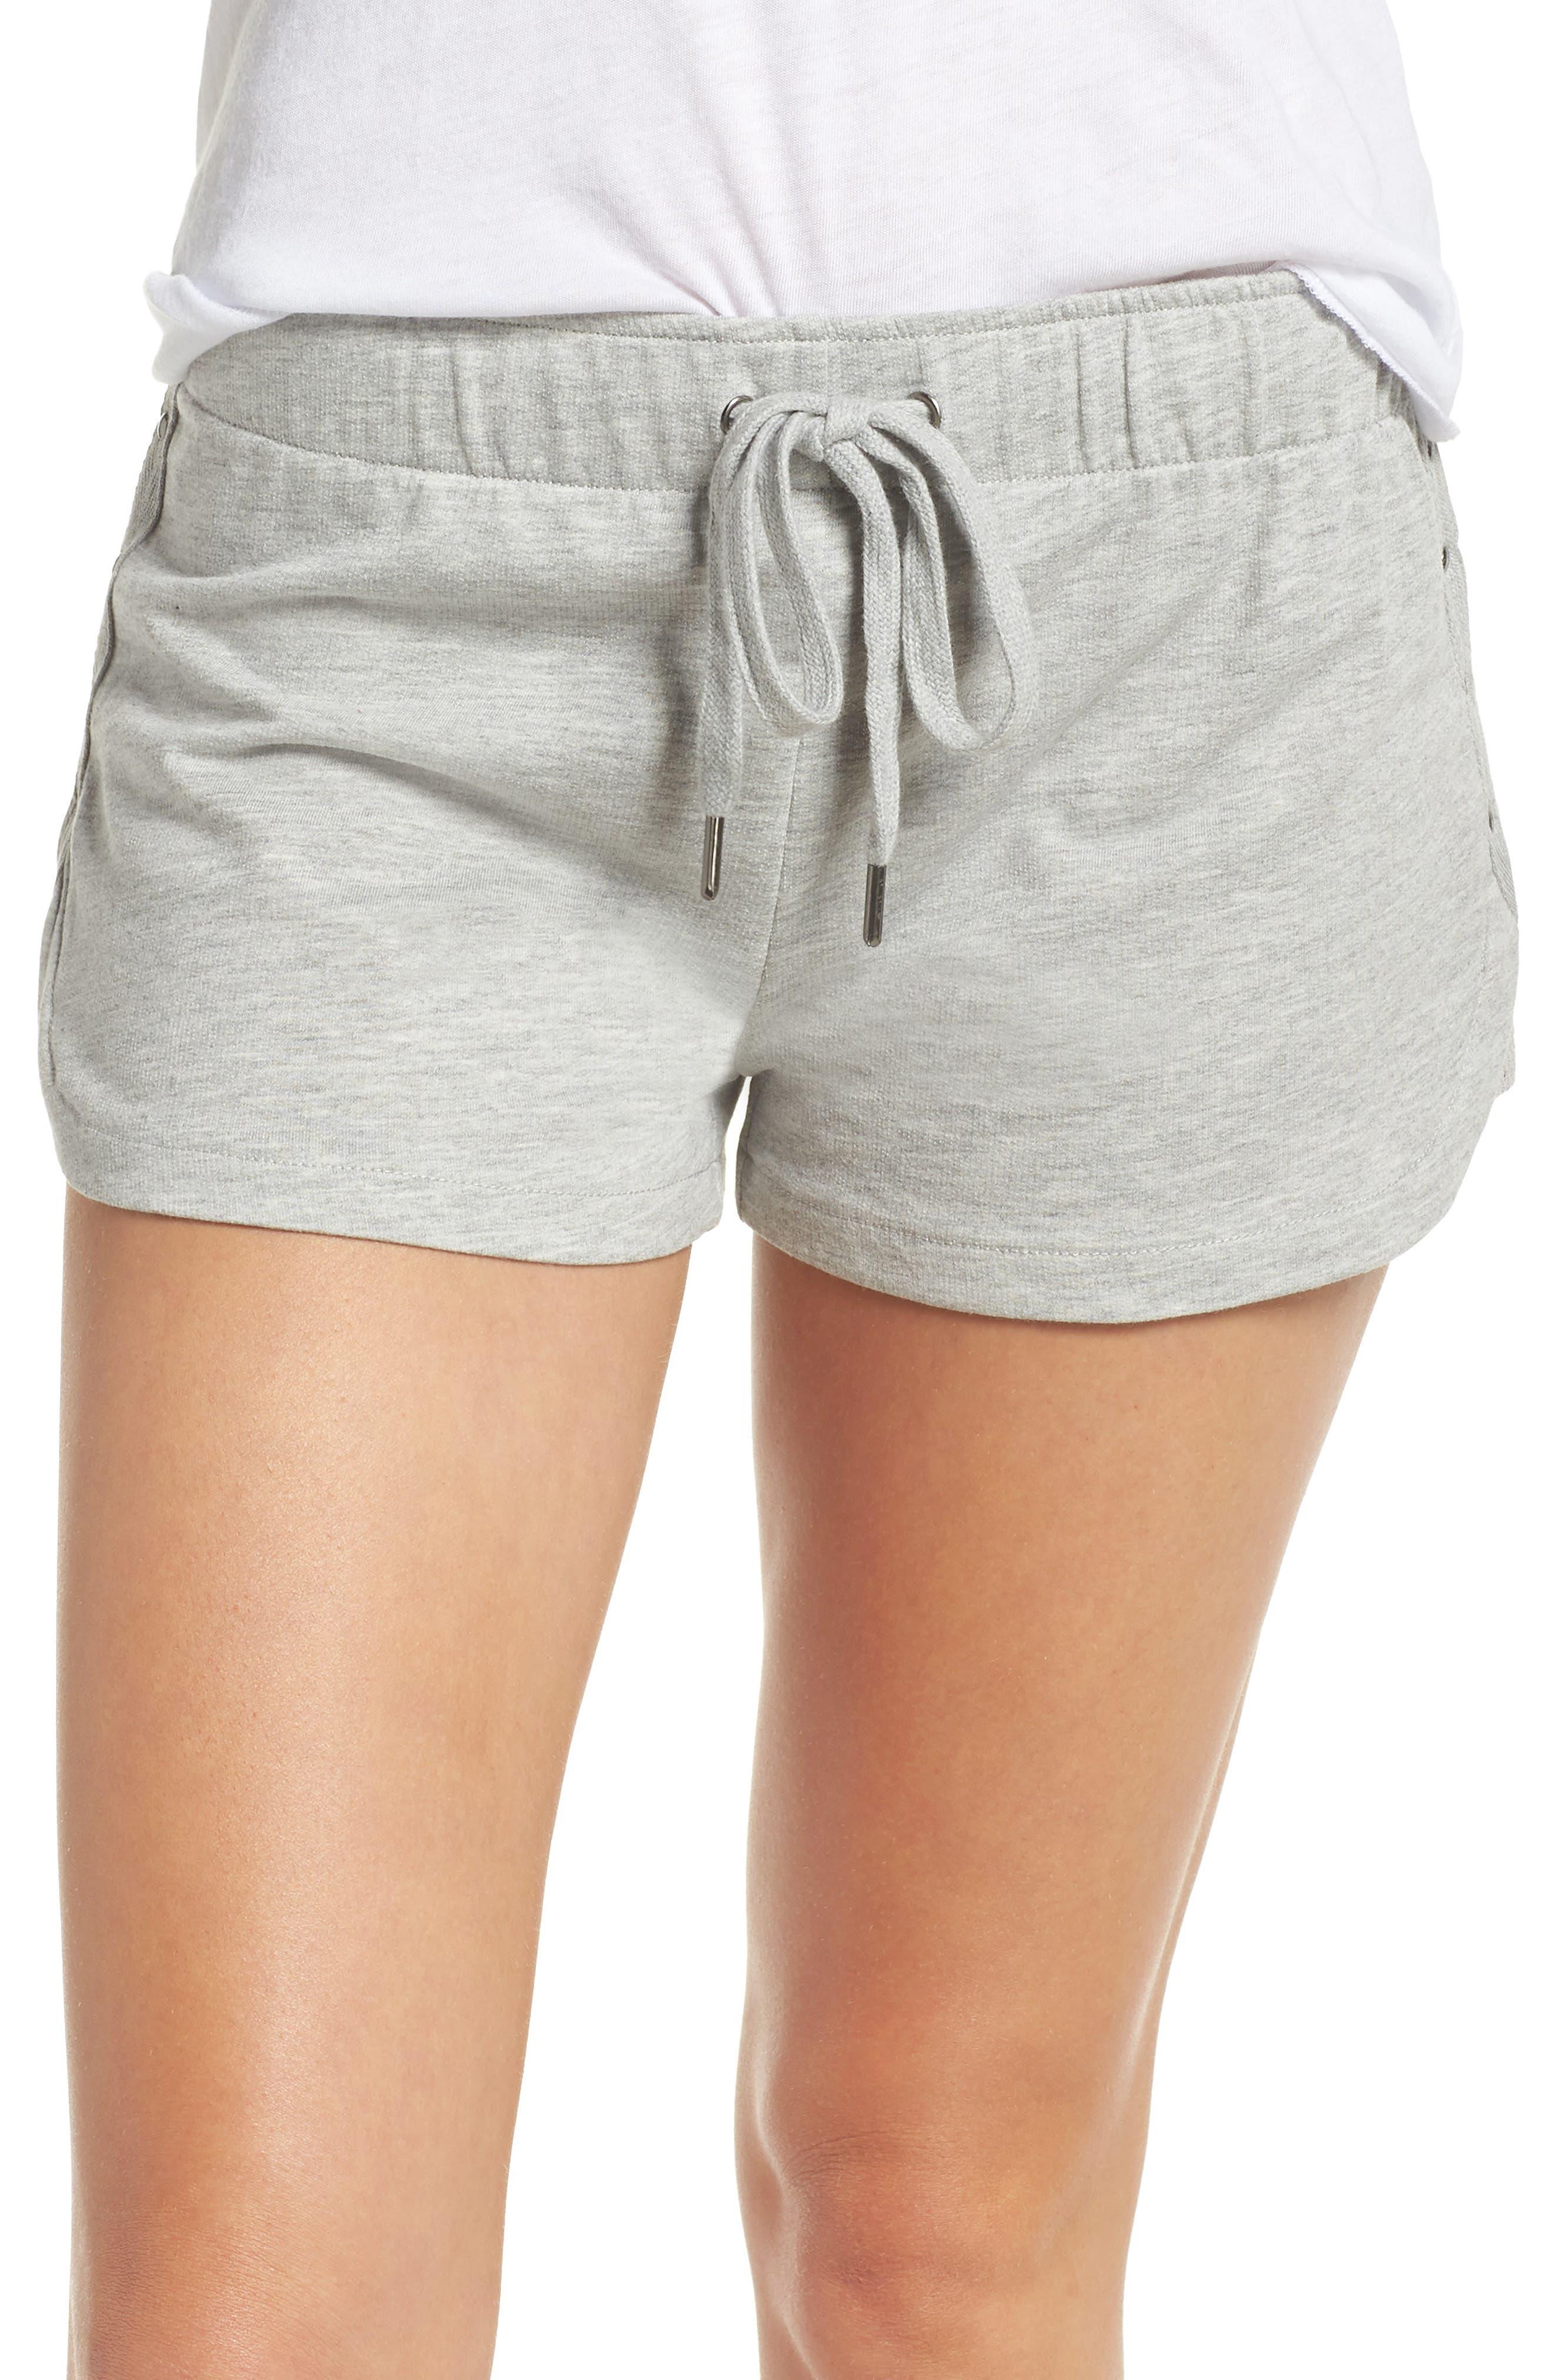 Pajama Shorts,                         Main,                         color, H Grey